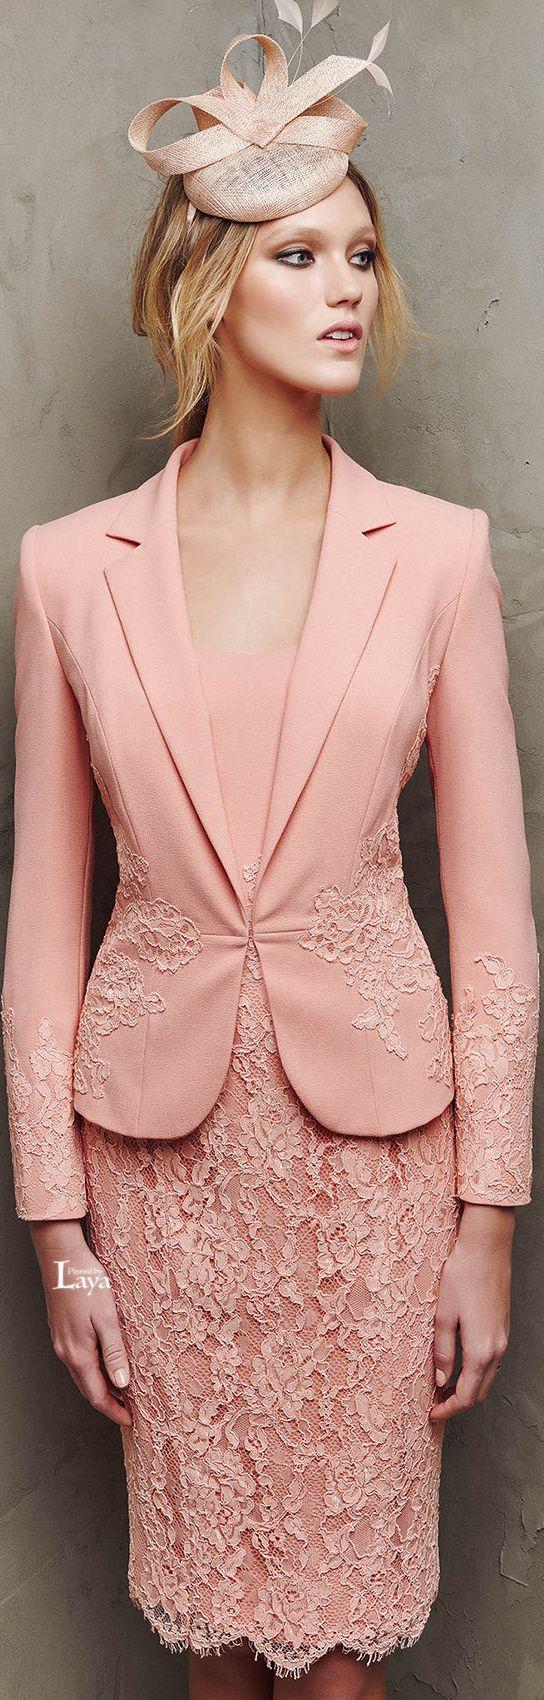 https://www.dariuscordell.com/featured/long-sleeve-evening-dresses-ball-gowns…